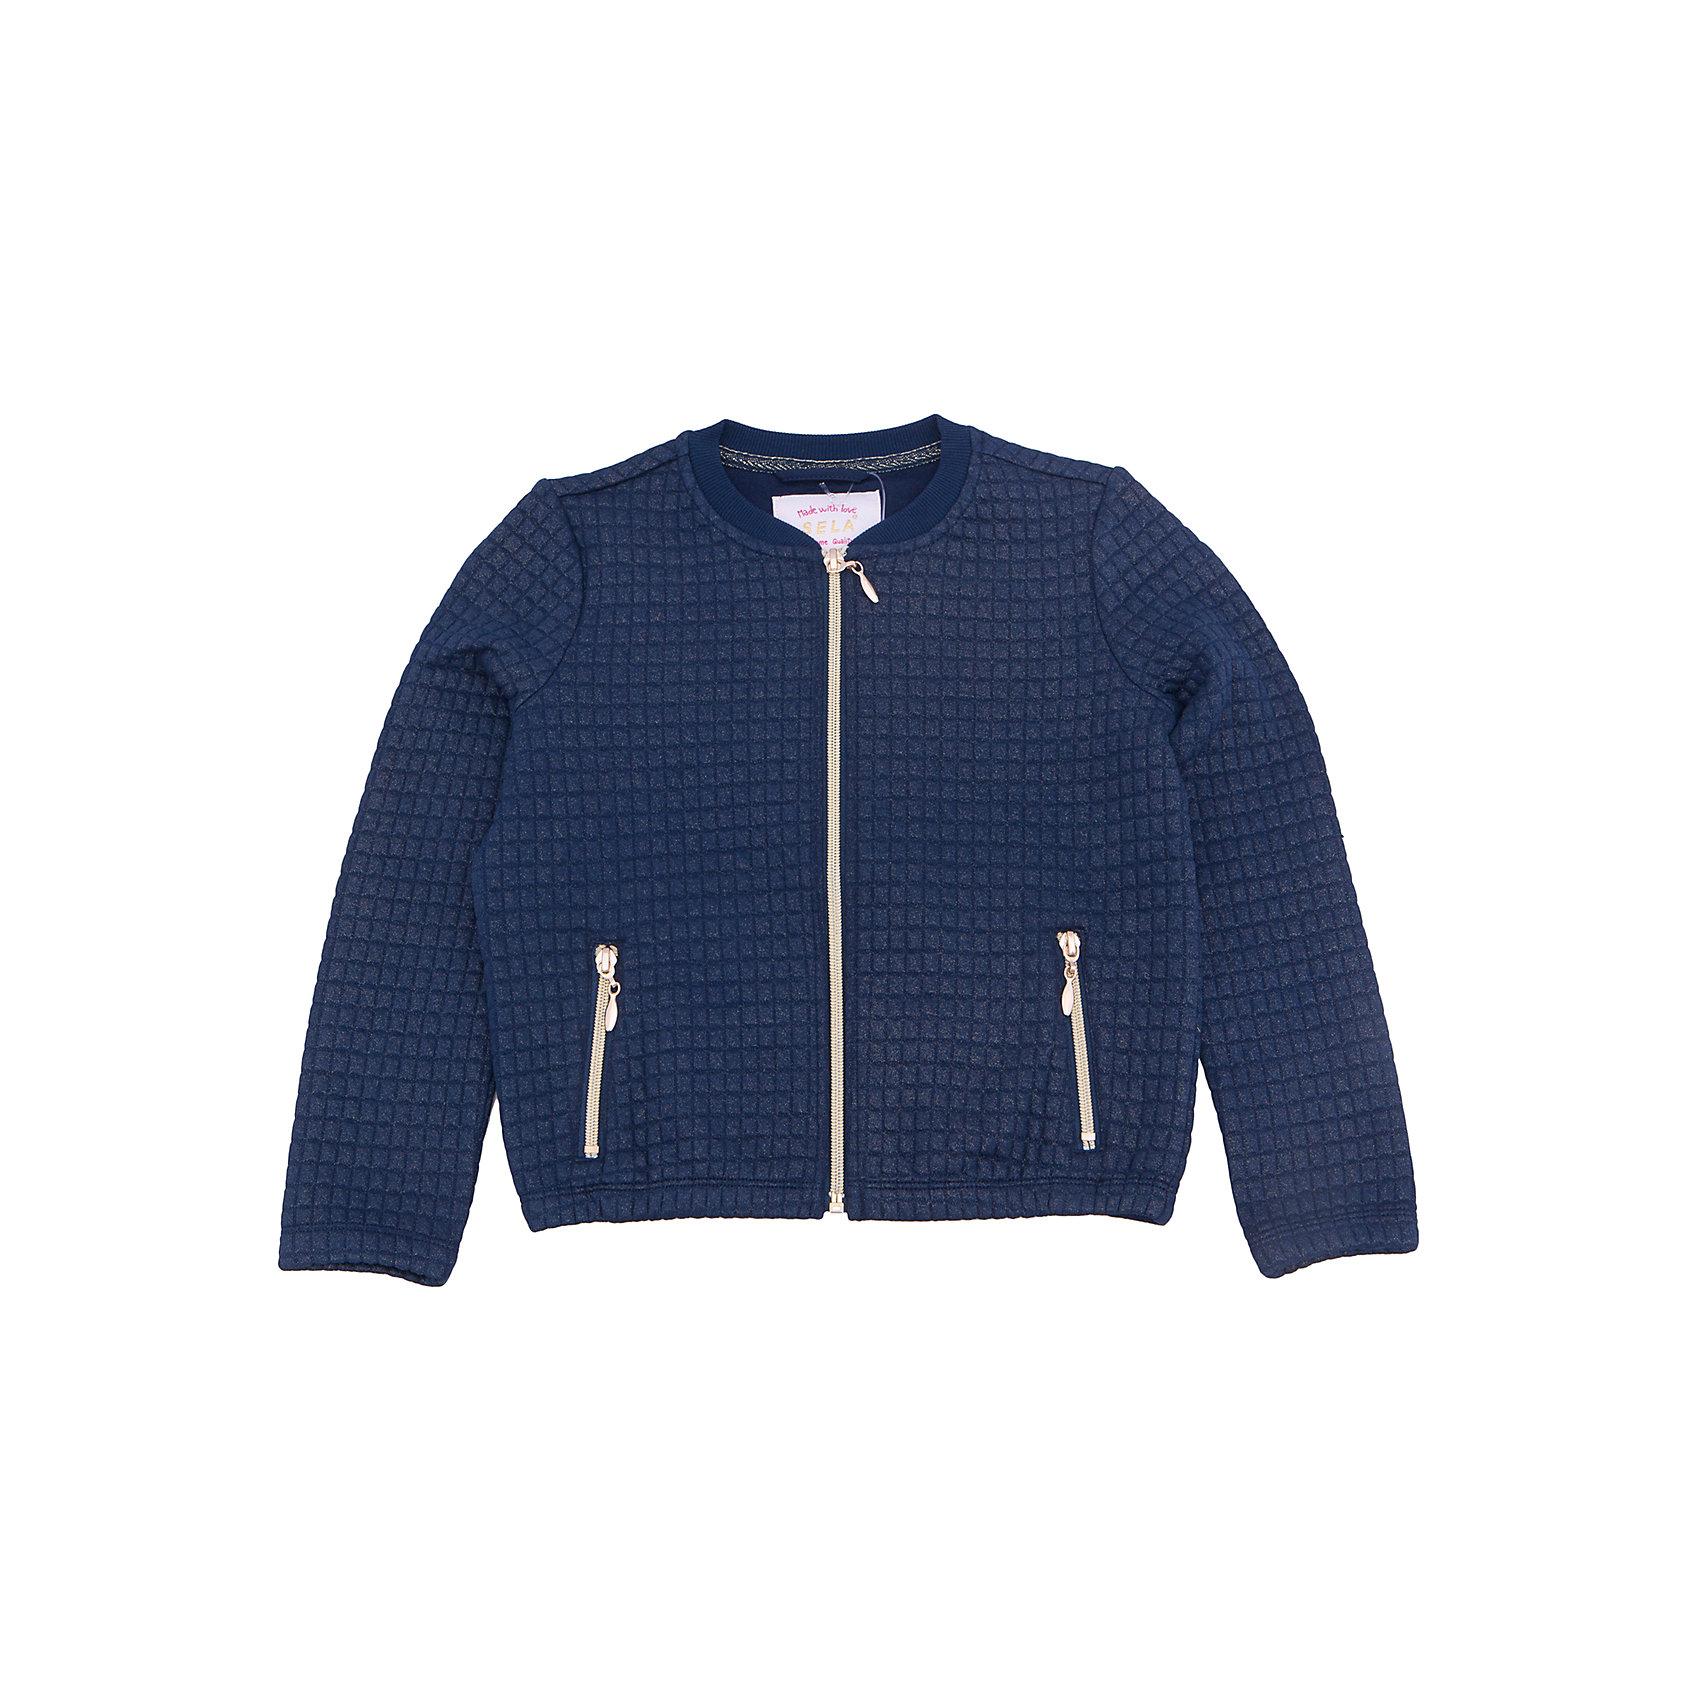 Куртка для девочки SELAВерхняя одежда<br>Характеристики товара:<br><br>• цвет: синий<br>• состав: 60% Полиэстер, 35% хлопок, 5% эластан<br>• температурный режим: от +10°до +20°С<br>• молния<br>• манжеты<br>• длинные рукава<br>• карманы<br>• коллекция весна-лето 2017<br>• страна бренда: Российская Федерация<br><br>Вещи из новой коллекции SELA продолжают радовать удобством! Легкая куртка для девочки поможет разнообразить гардероб ребенка и обеспечить комфорт. Она отлично сочетается с юбками и брюками. Очень стильно смотрится!<br><br>Одежда, обувь и аксессуары от российского бренда SELA не зря пользуются большой популярностью у детей и взрослых! Модели этой марки - стильные и удобные, цена при этом неизменно остается доступной. Для их производства используются только безопасные, качественные материалы и фурнитура. Новая коллекция поддерживает хорошие традиции бренда! <br><br>Куртку для девочки от популярного бренда SELA (СЕЛА) можно купить в нашем интернет-магазине.<br><br>Ширина мм: 356<br>Глубина мм: 10<br>Высота мм: 245<br>Вес г: 519<br>Цвет: синий<br>Возраст от месяцев: 96<br>Возраст до месяцев: 108<br>Пол: Женский<br>Возраст: Детский<br>Размер: 134,128,122,116,152,146,140<br>SKU: 5305053